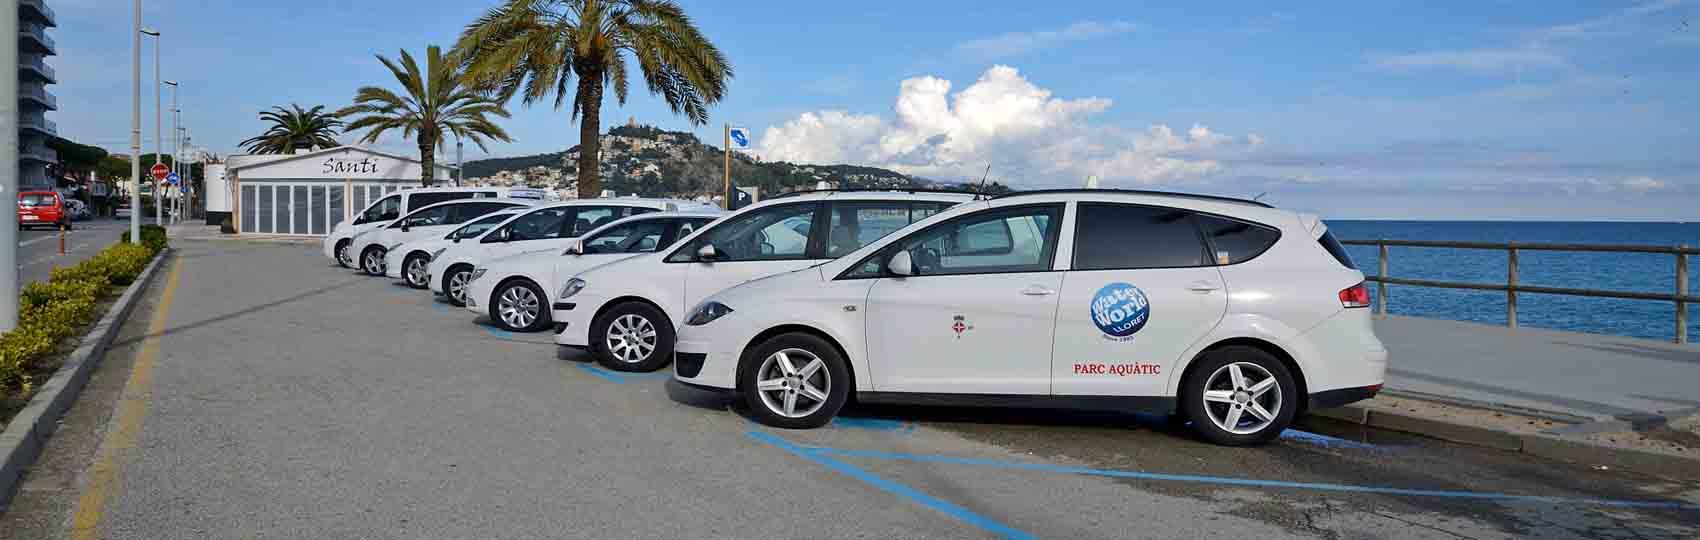 Noticias del sector del taxi y la movilidad en Girona. Mantente informado de todas las noticias del taxi de Girona en el grupo de Facebook de Todo Taxi.